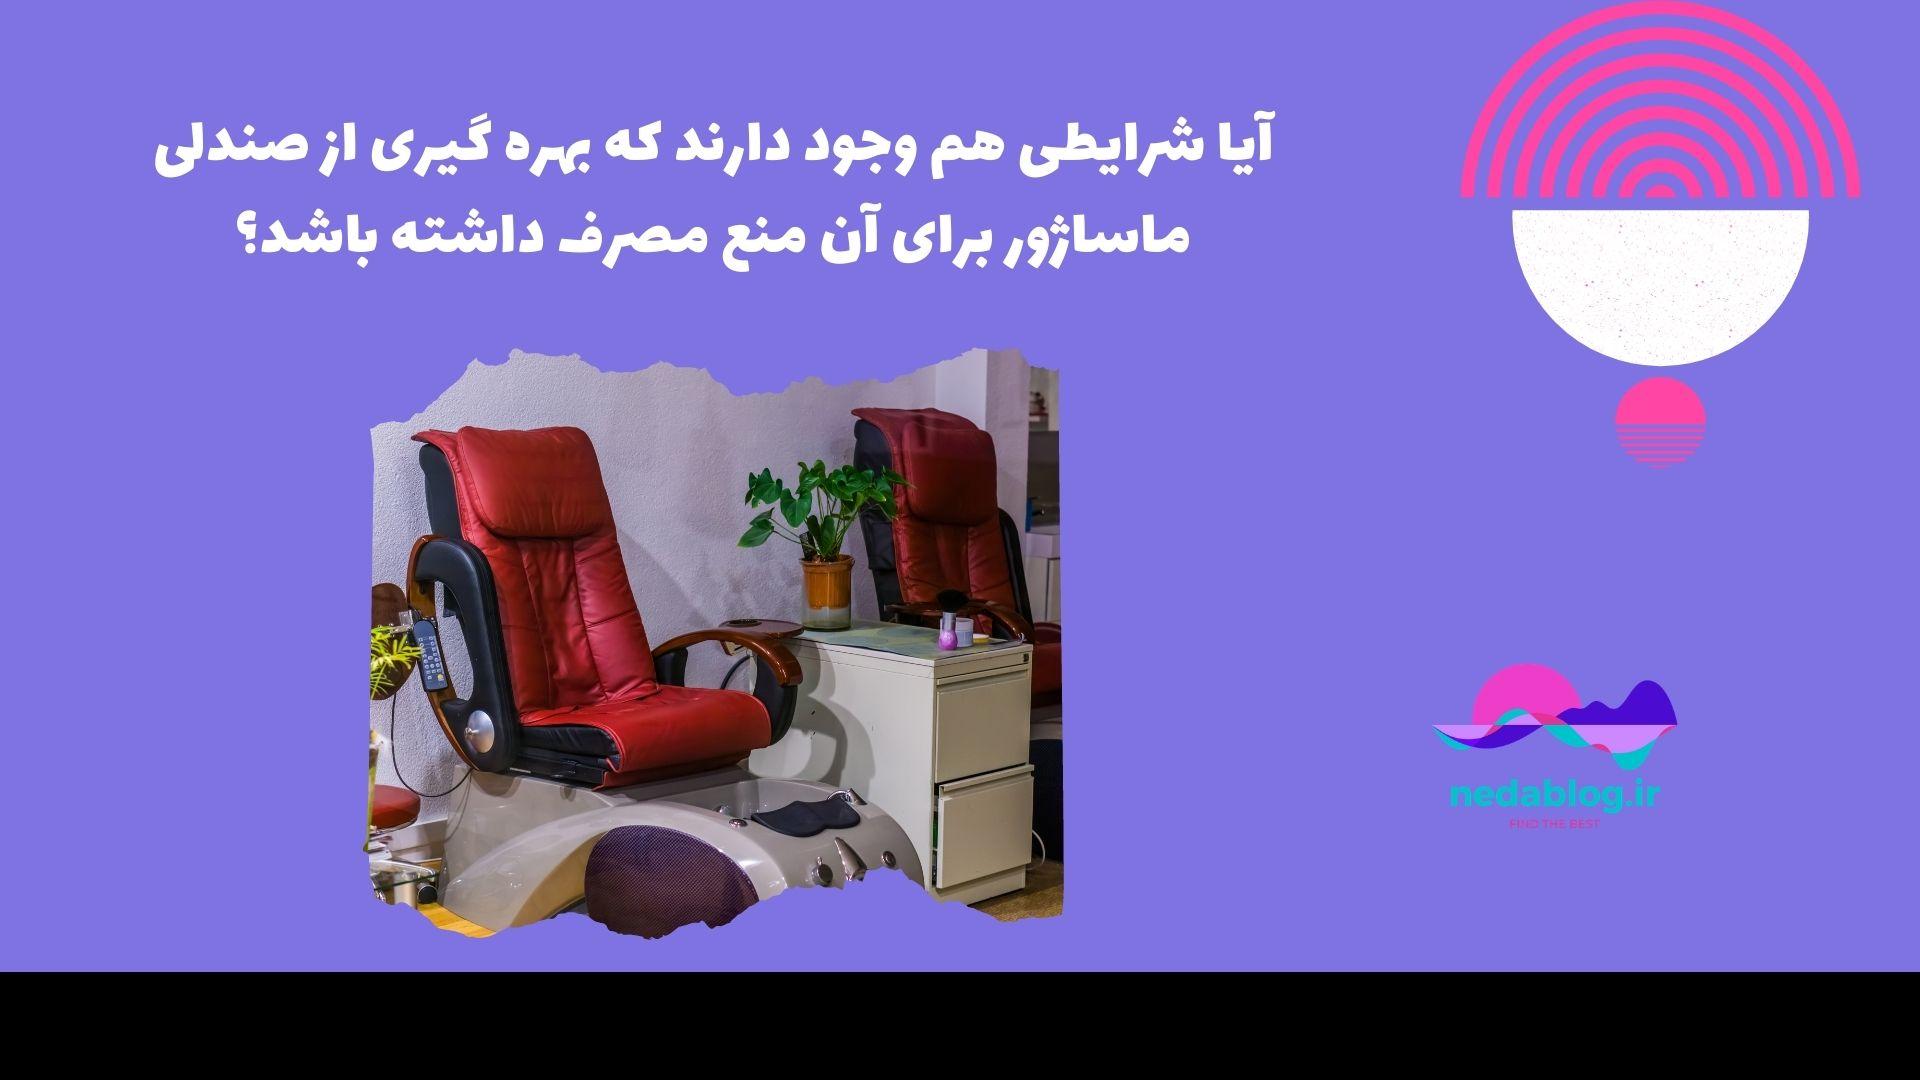 آیا شرایطی هم وجود دارند که بهره گیری از صندلی ماساژور برای آن منع مصرف داشته باشد؟